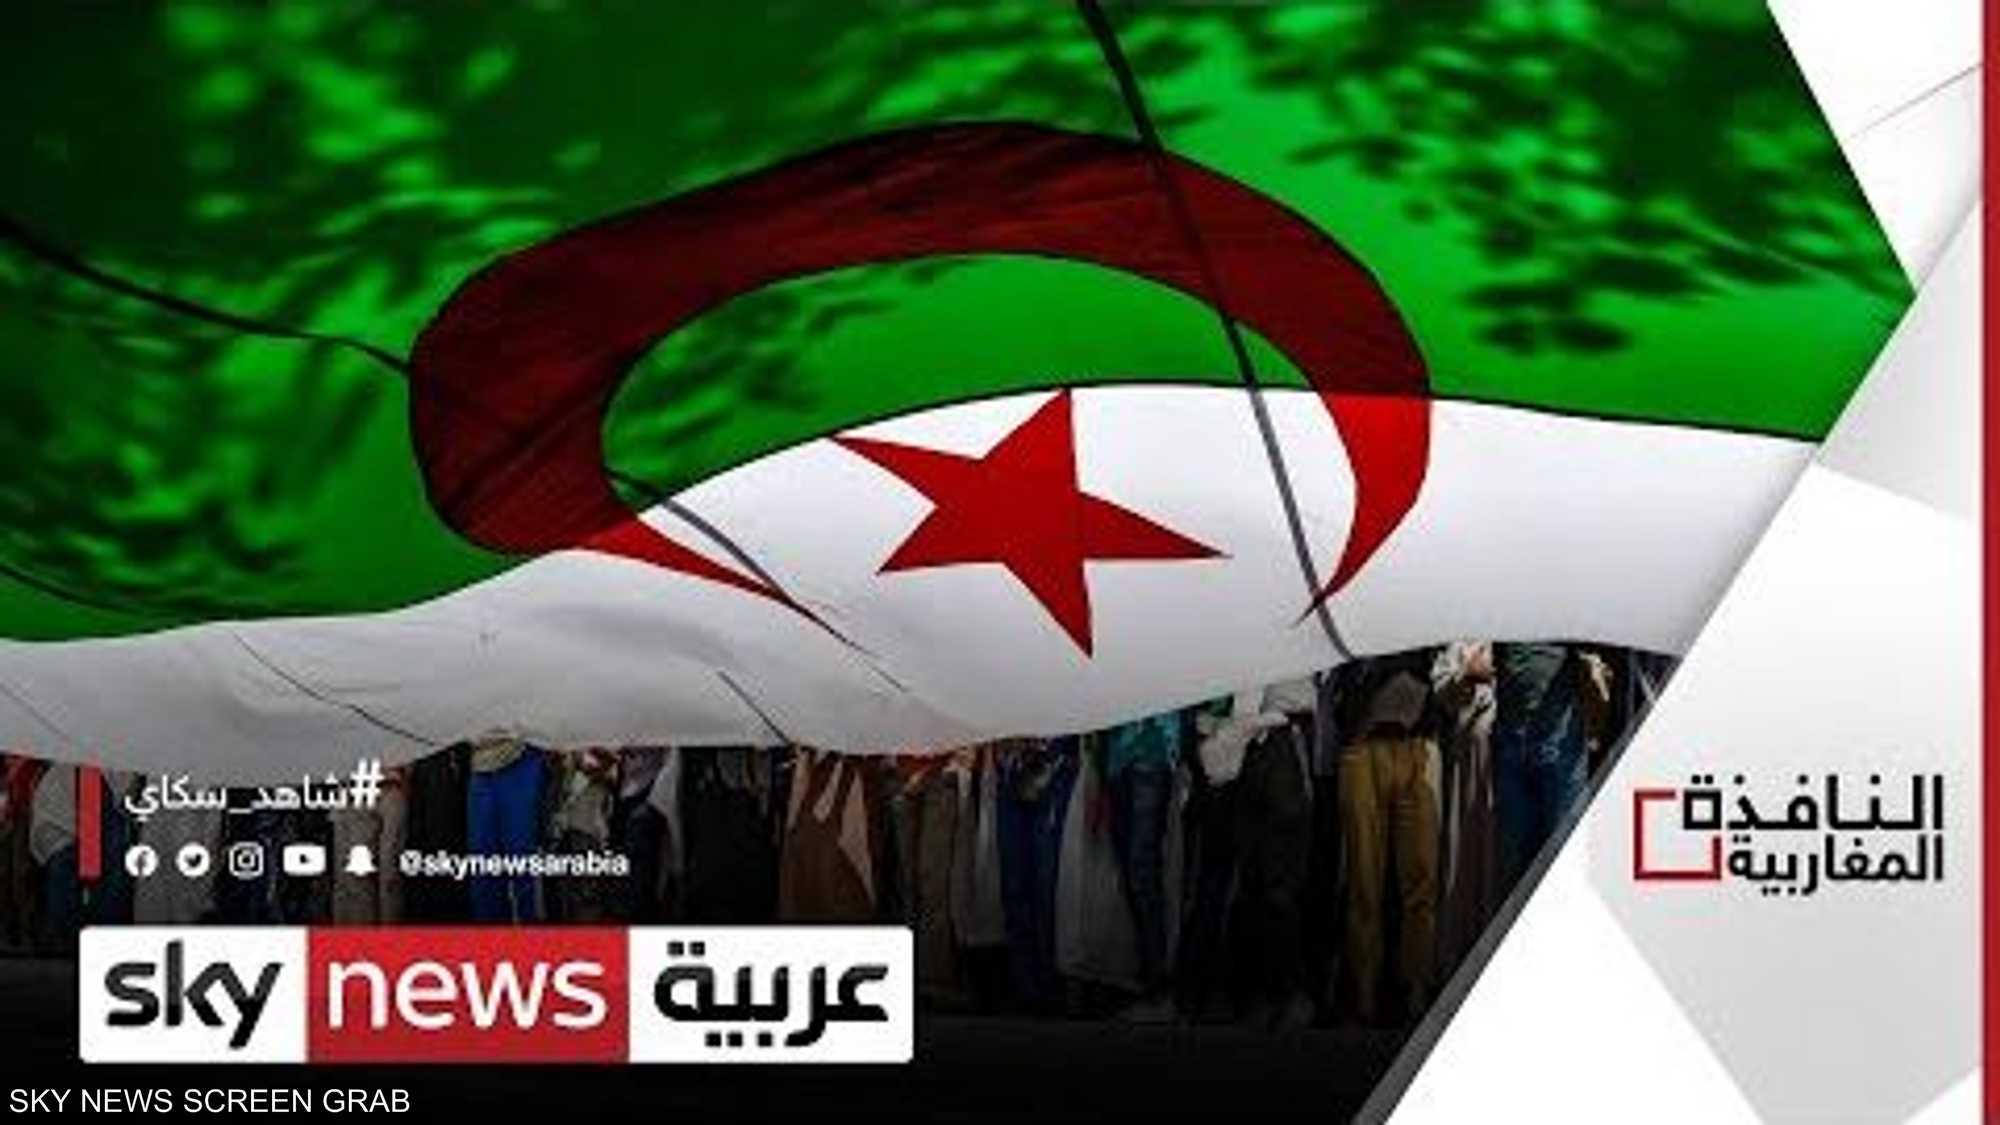 صحفيو الجزائر يحيون اليوم الوطني لحرية الصحافة